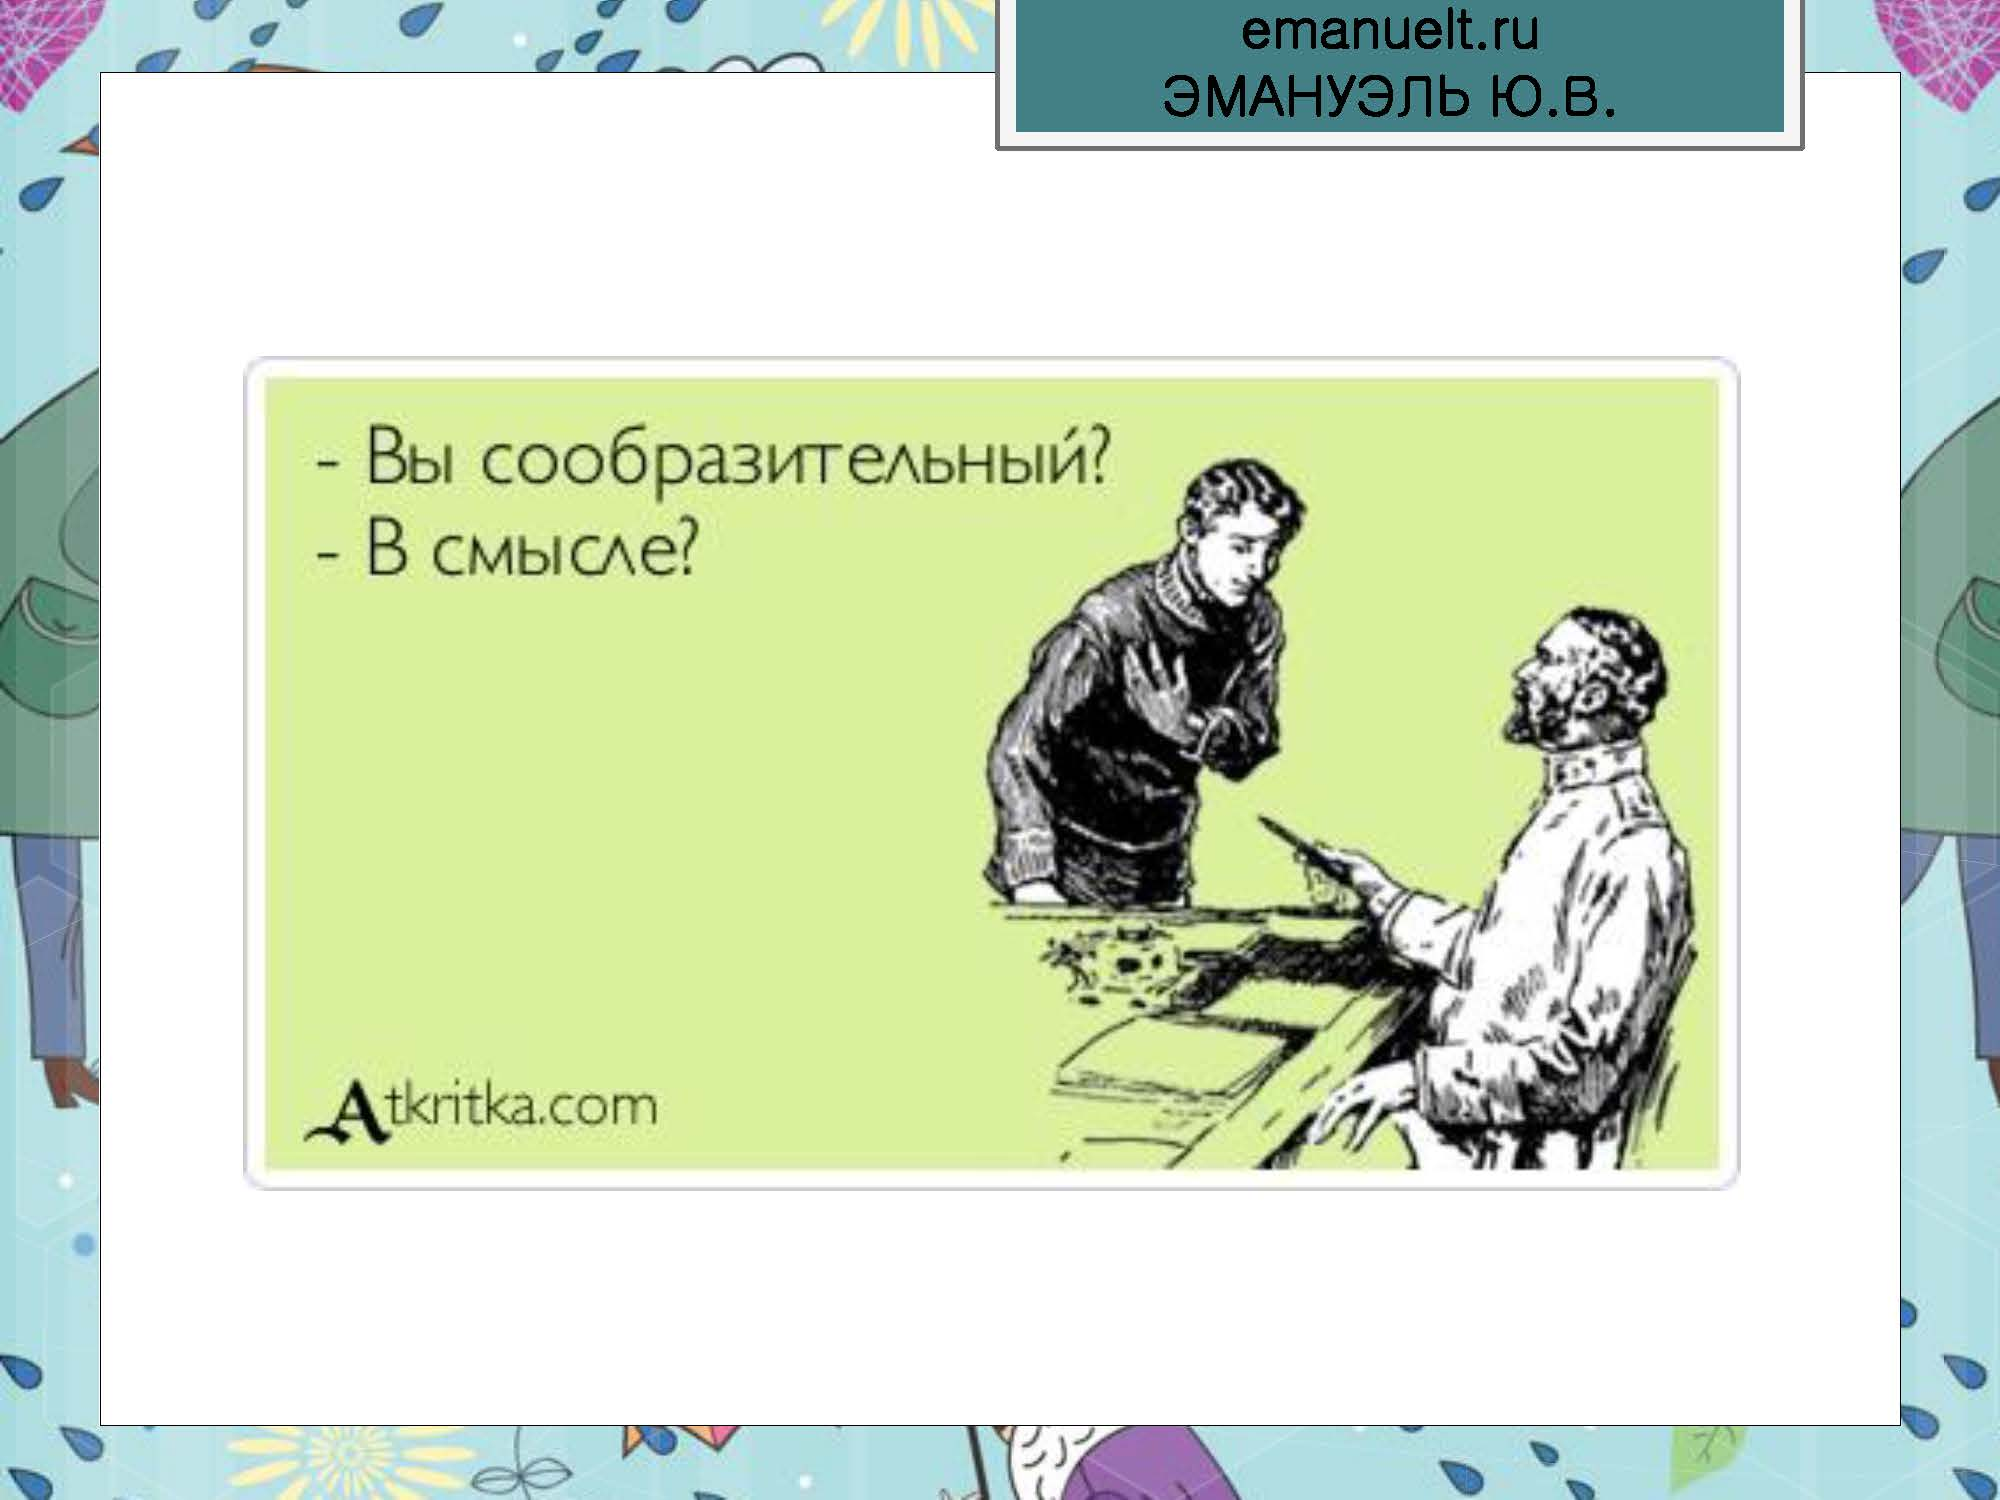 Секция 8. ЭЮВ. СПбГМУ.  26.03_Страница_07